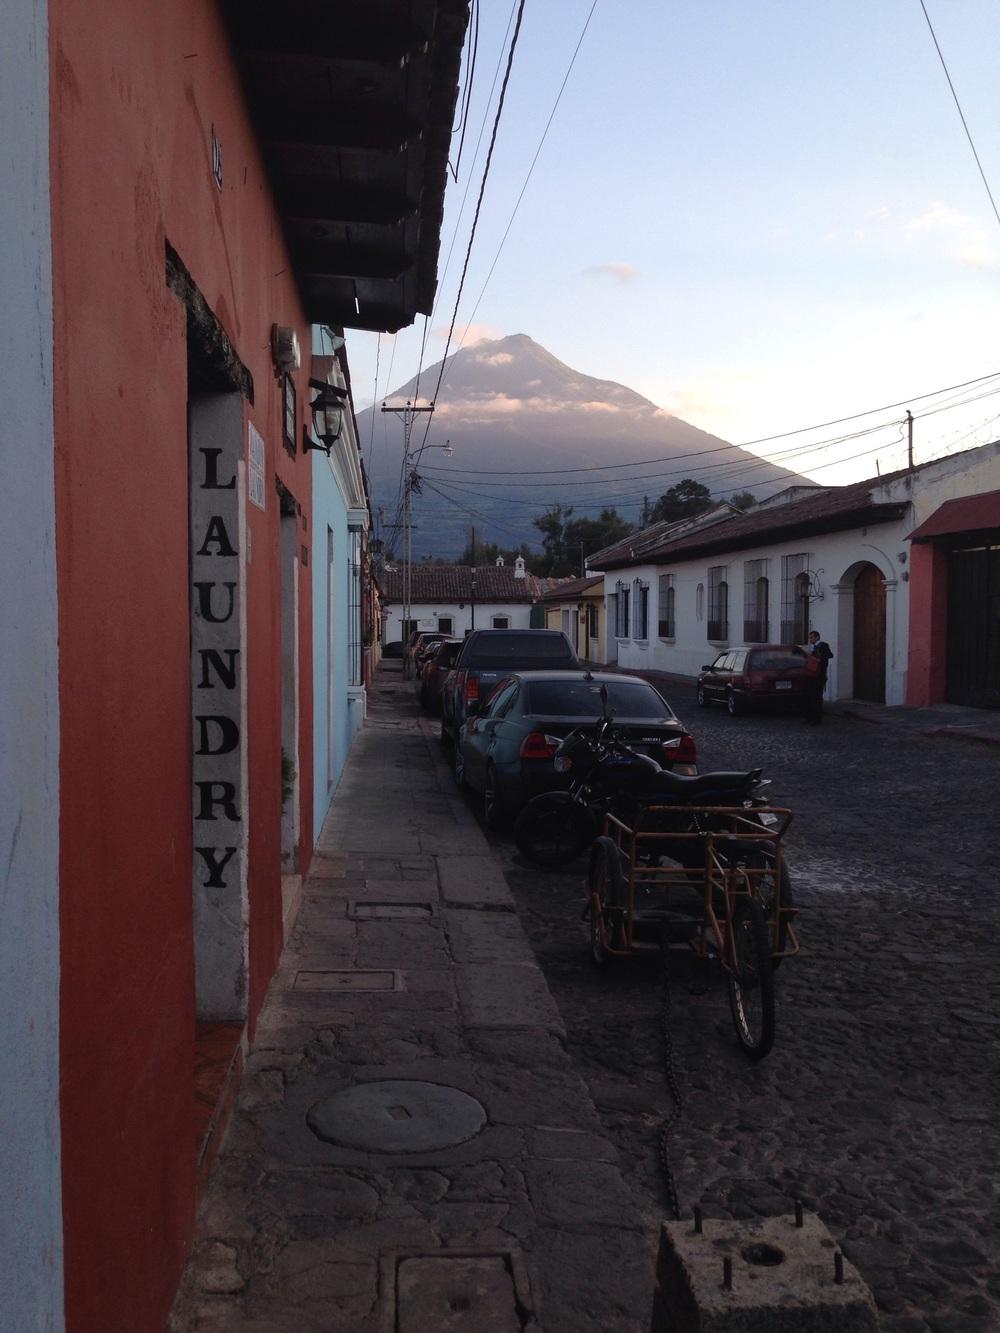 Aqua volcano. Fuego erupted.http://www.volcanodiscovery.com/fuego/news.html